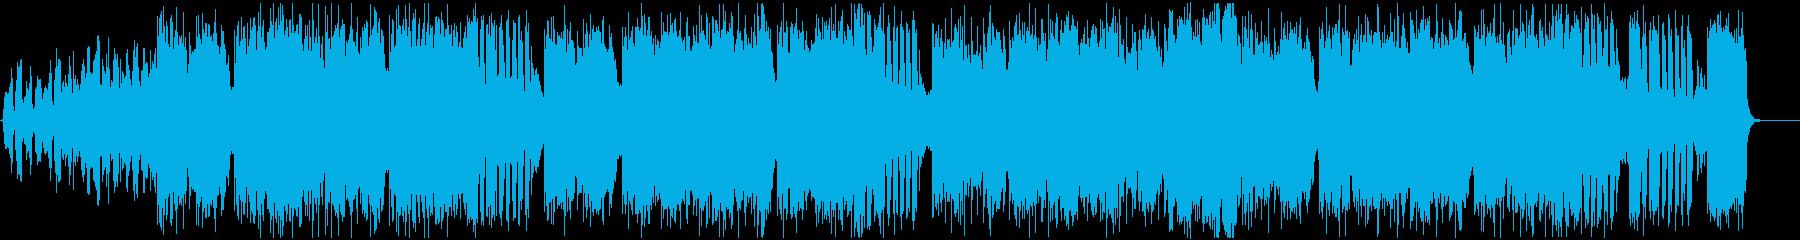 おばけやハロウィンを感じる雰囲気のBGMの再生済みの波形